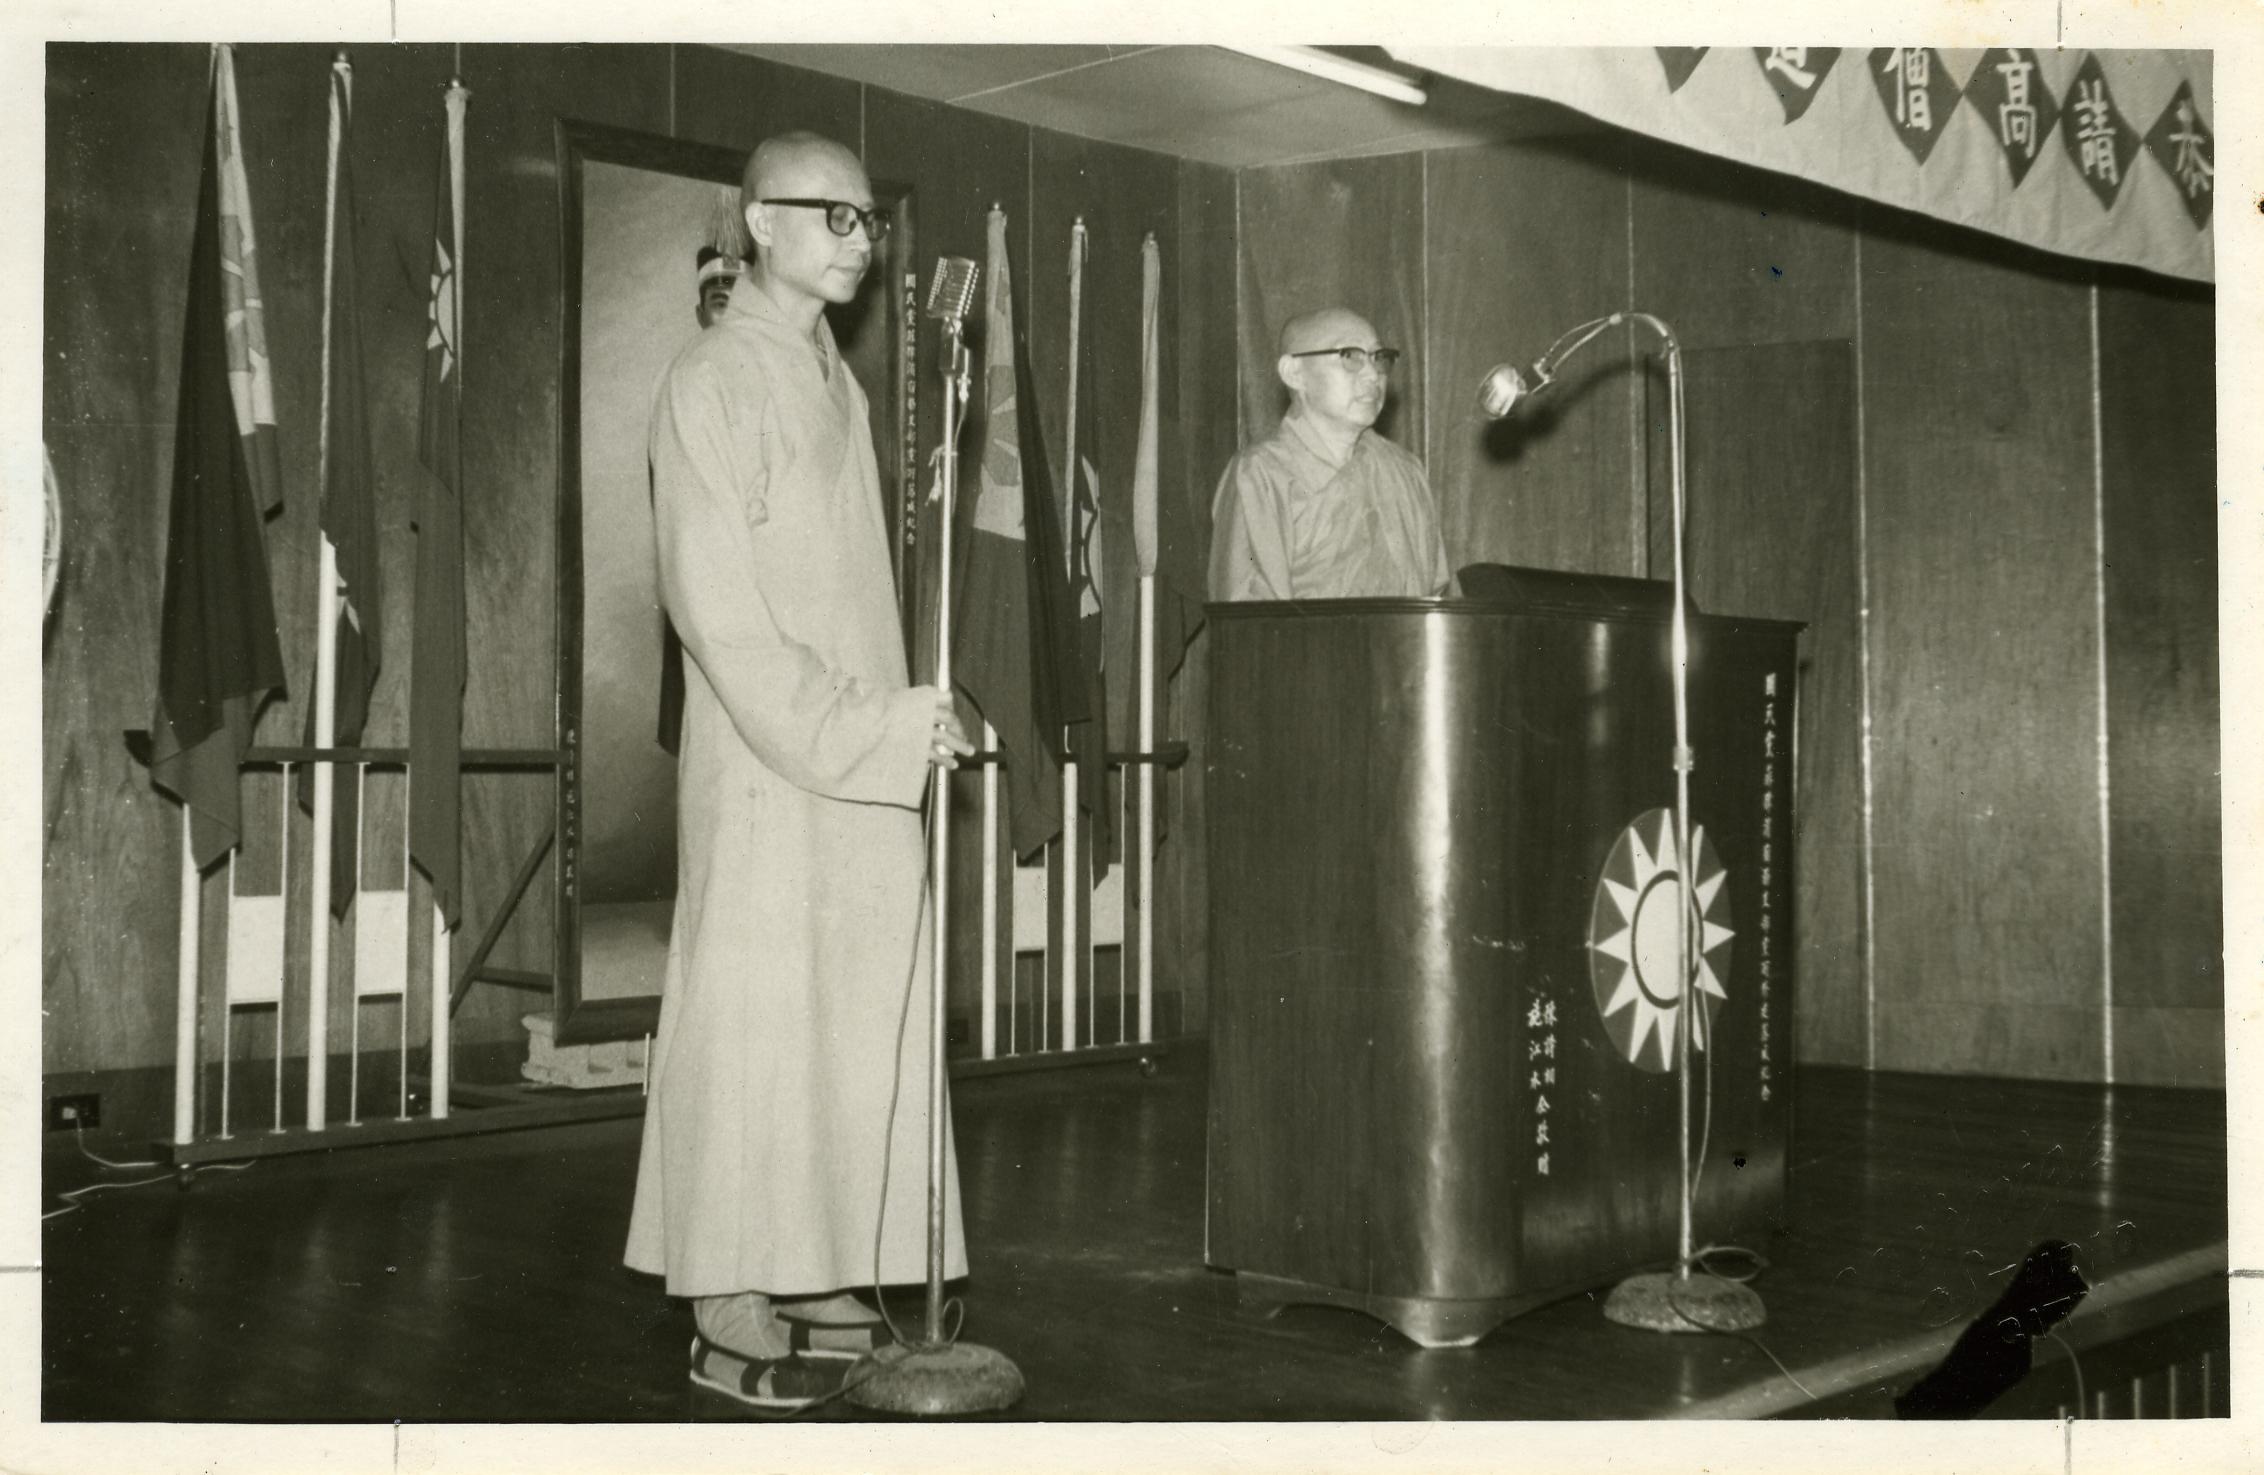 拍攝日期:1970年 提供者:靈根法師 說明:應瑞今長老之請,訪菲律賓,廣開法筵,並為慈航中學經費籌募。